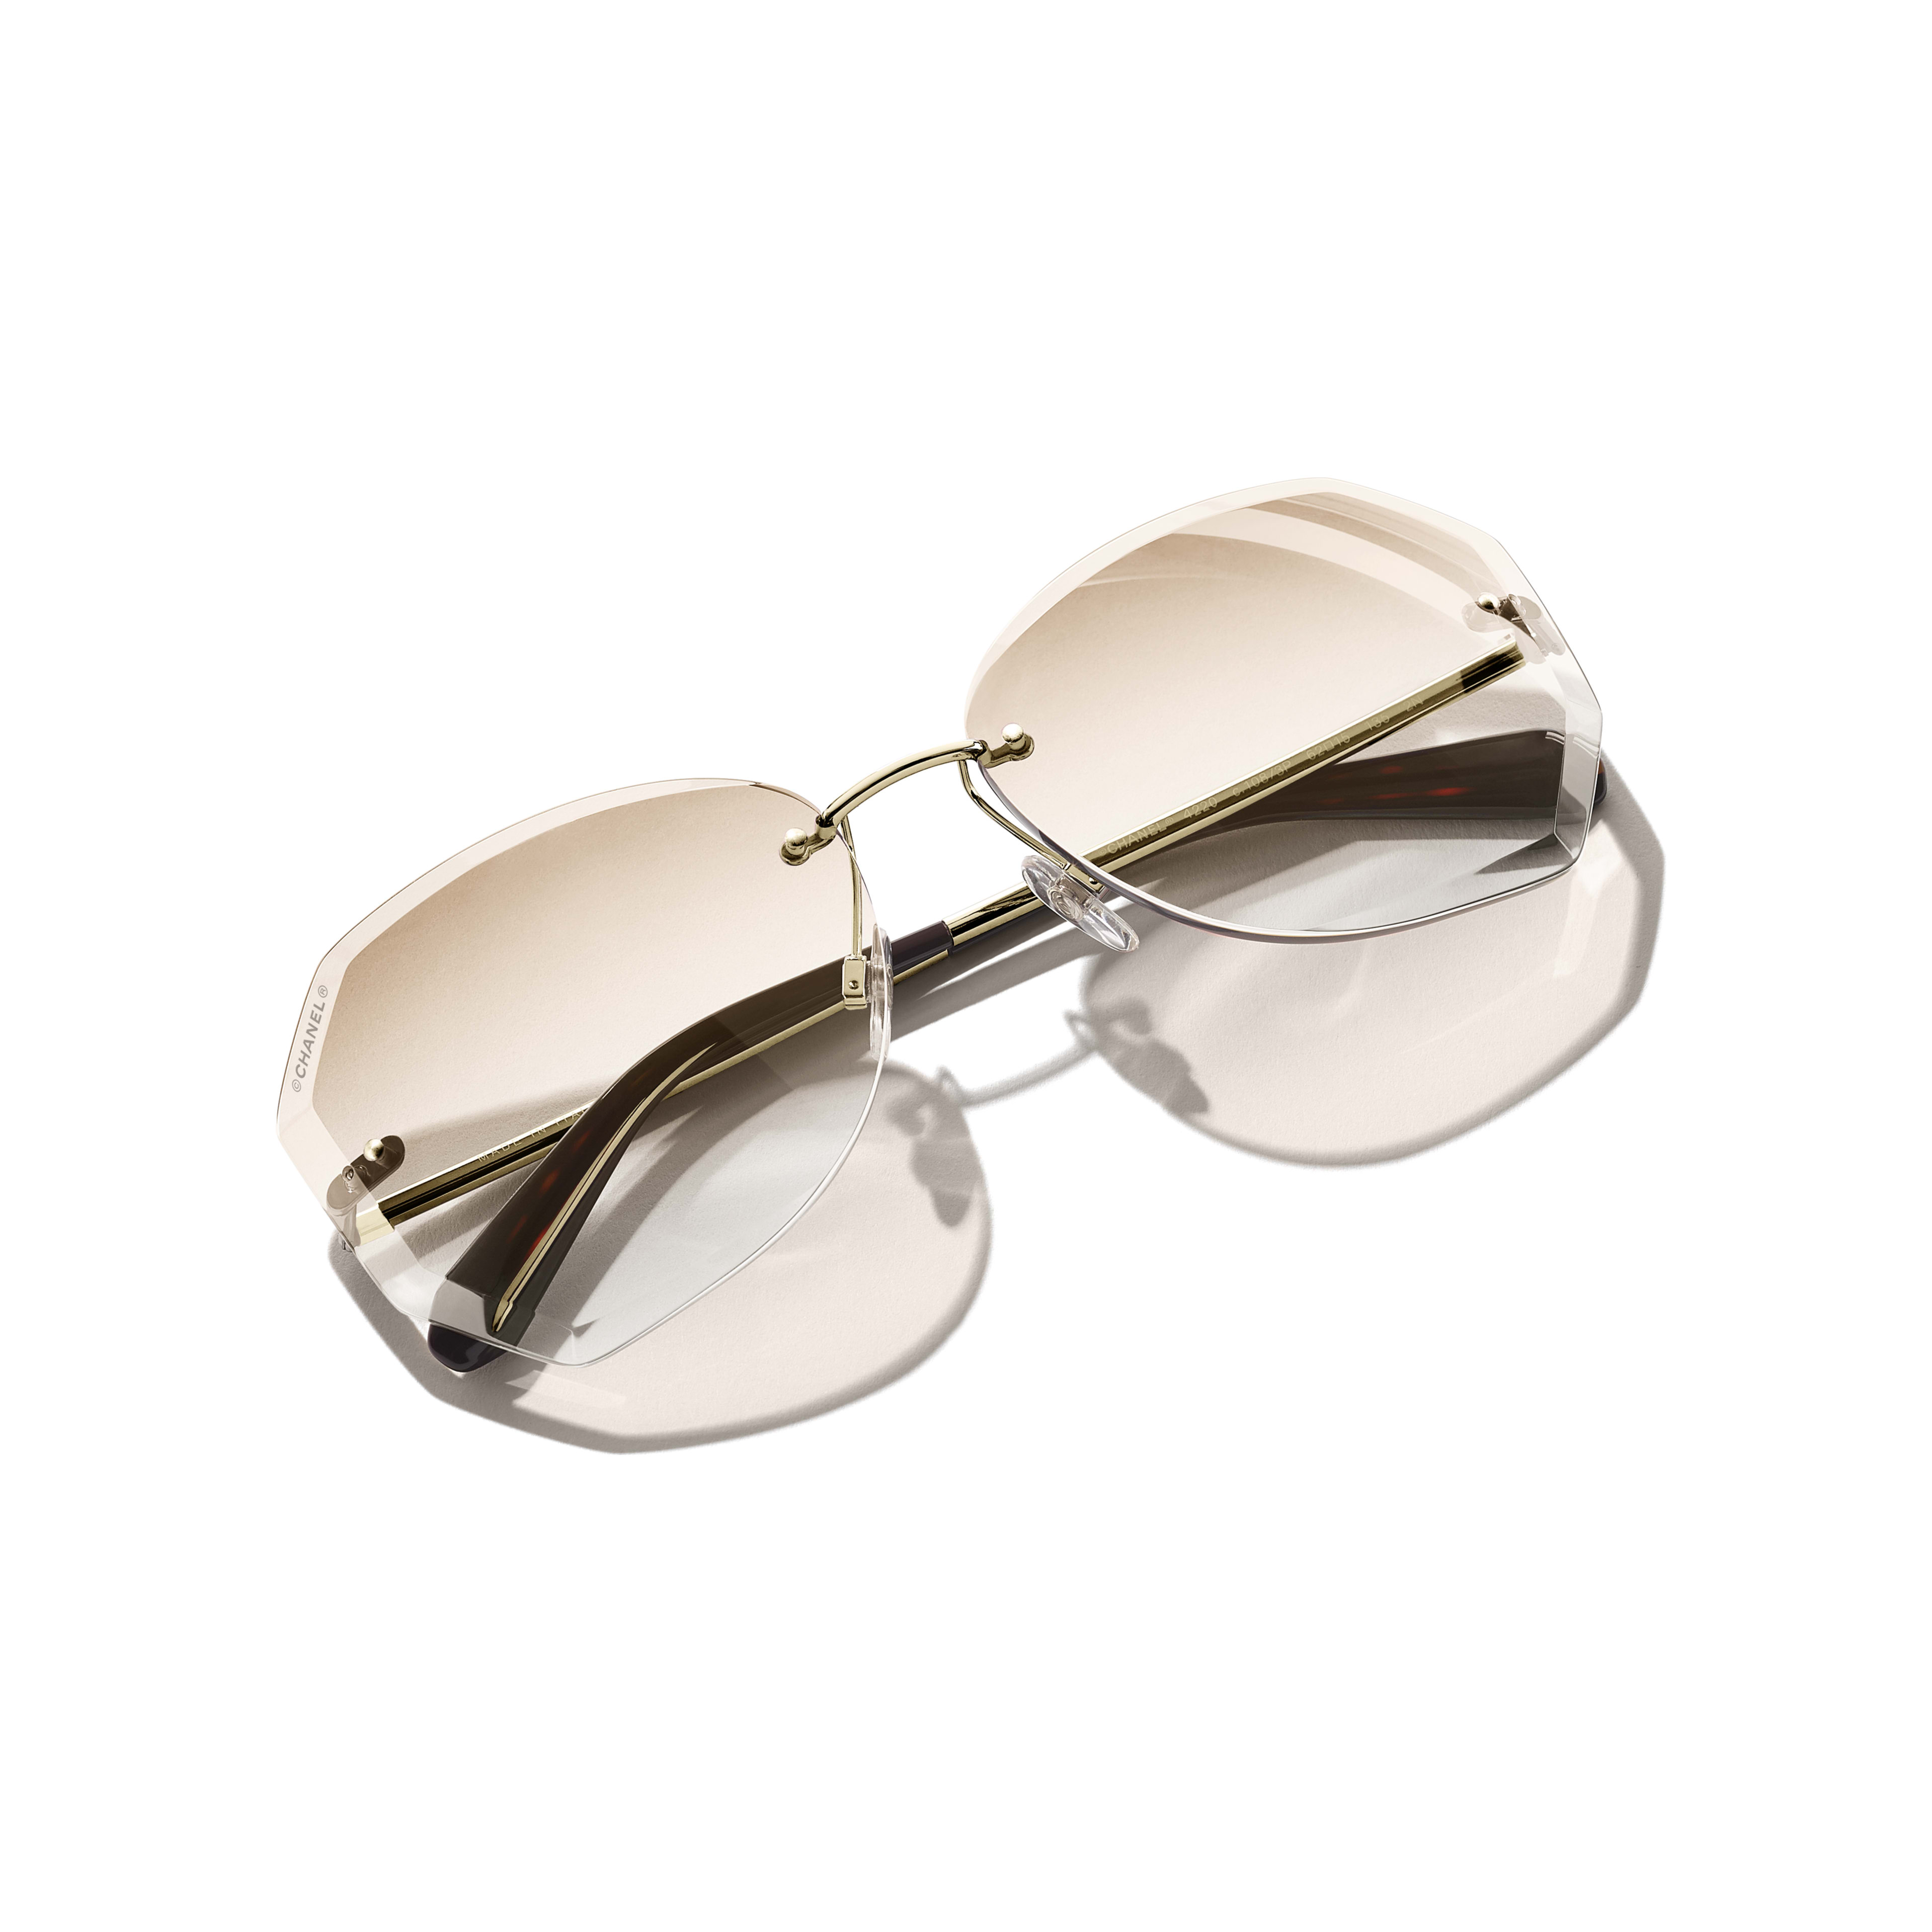 Gafas de sol redondas - Dorado y beige - Metal - CHANEL - Vista adicional - ver la versión tamaño estándar